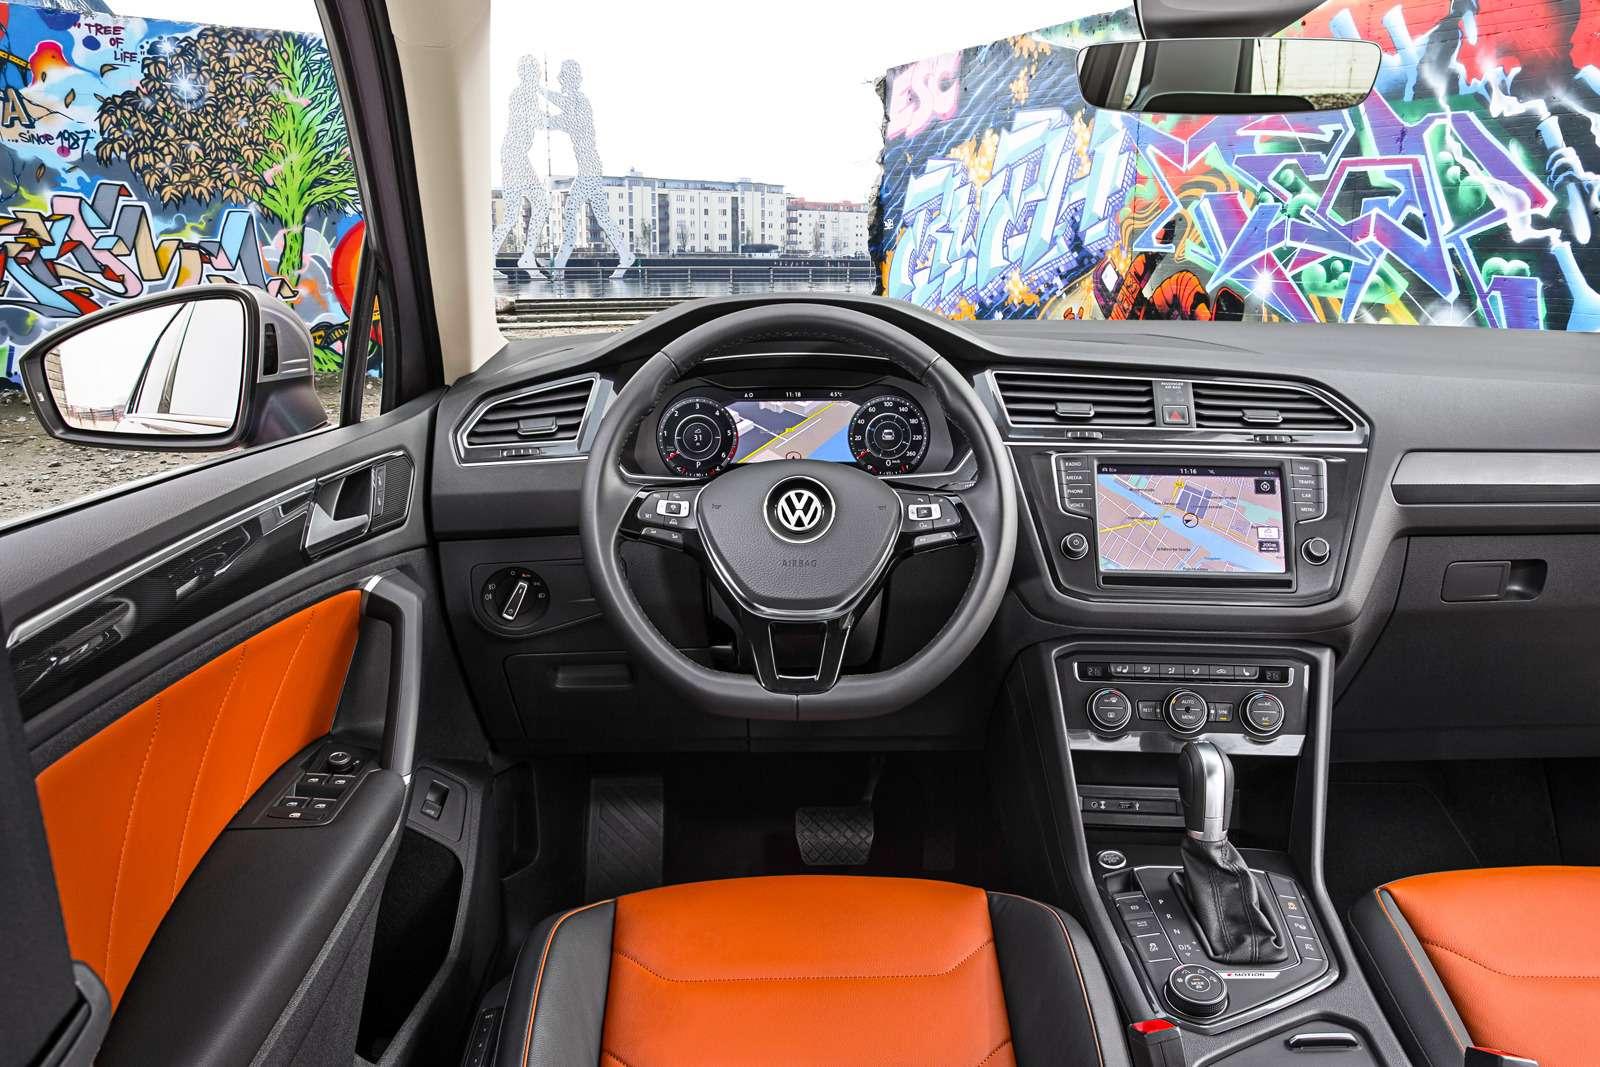 Тест нового Volkswagen Tiguan: победа экологов надавтоспортсменами— фото 594458